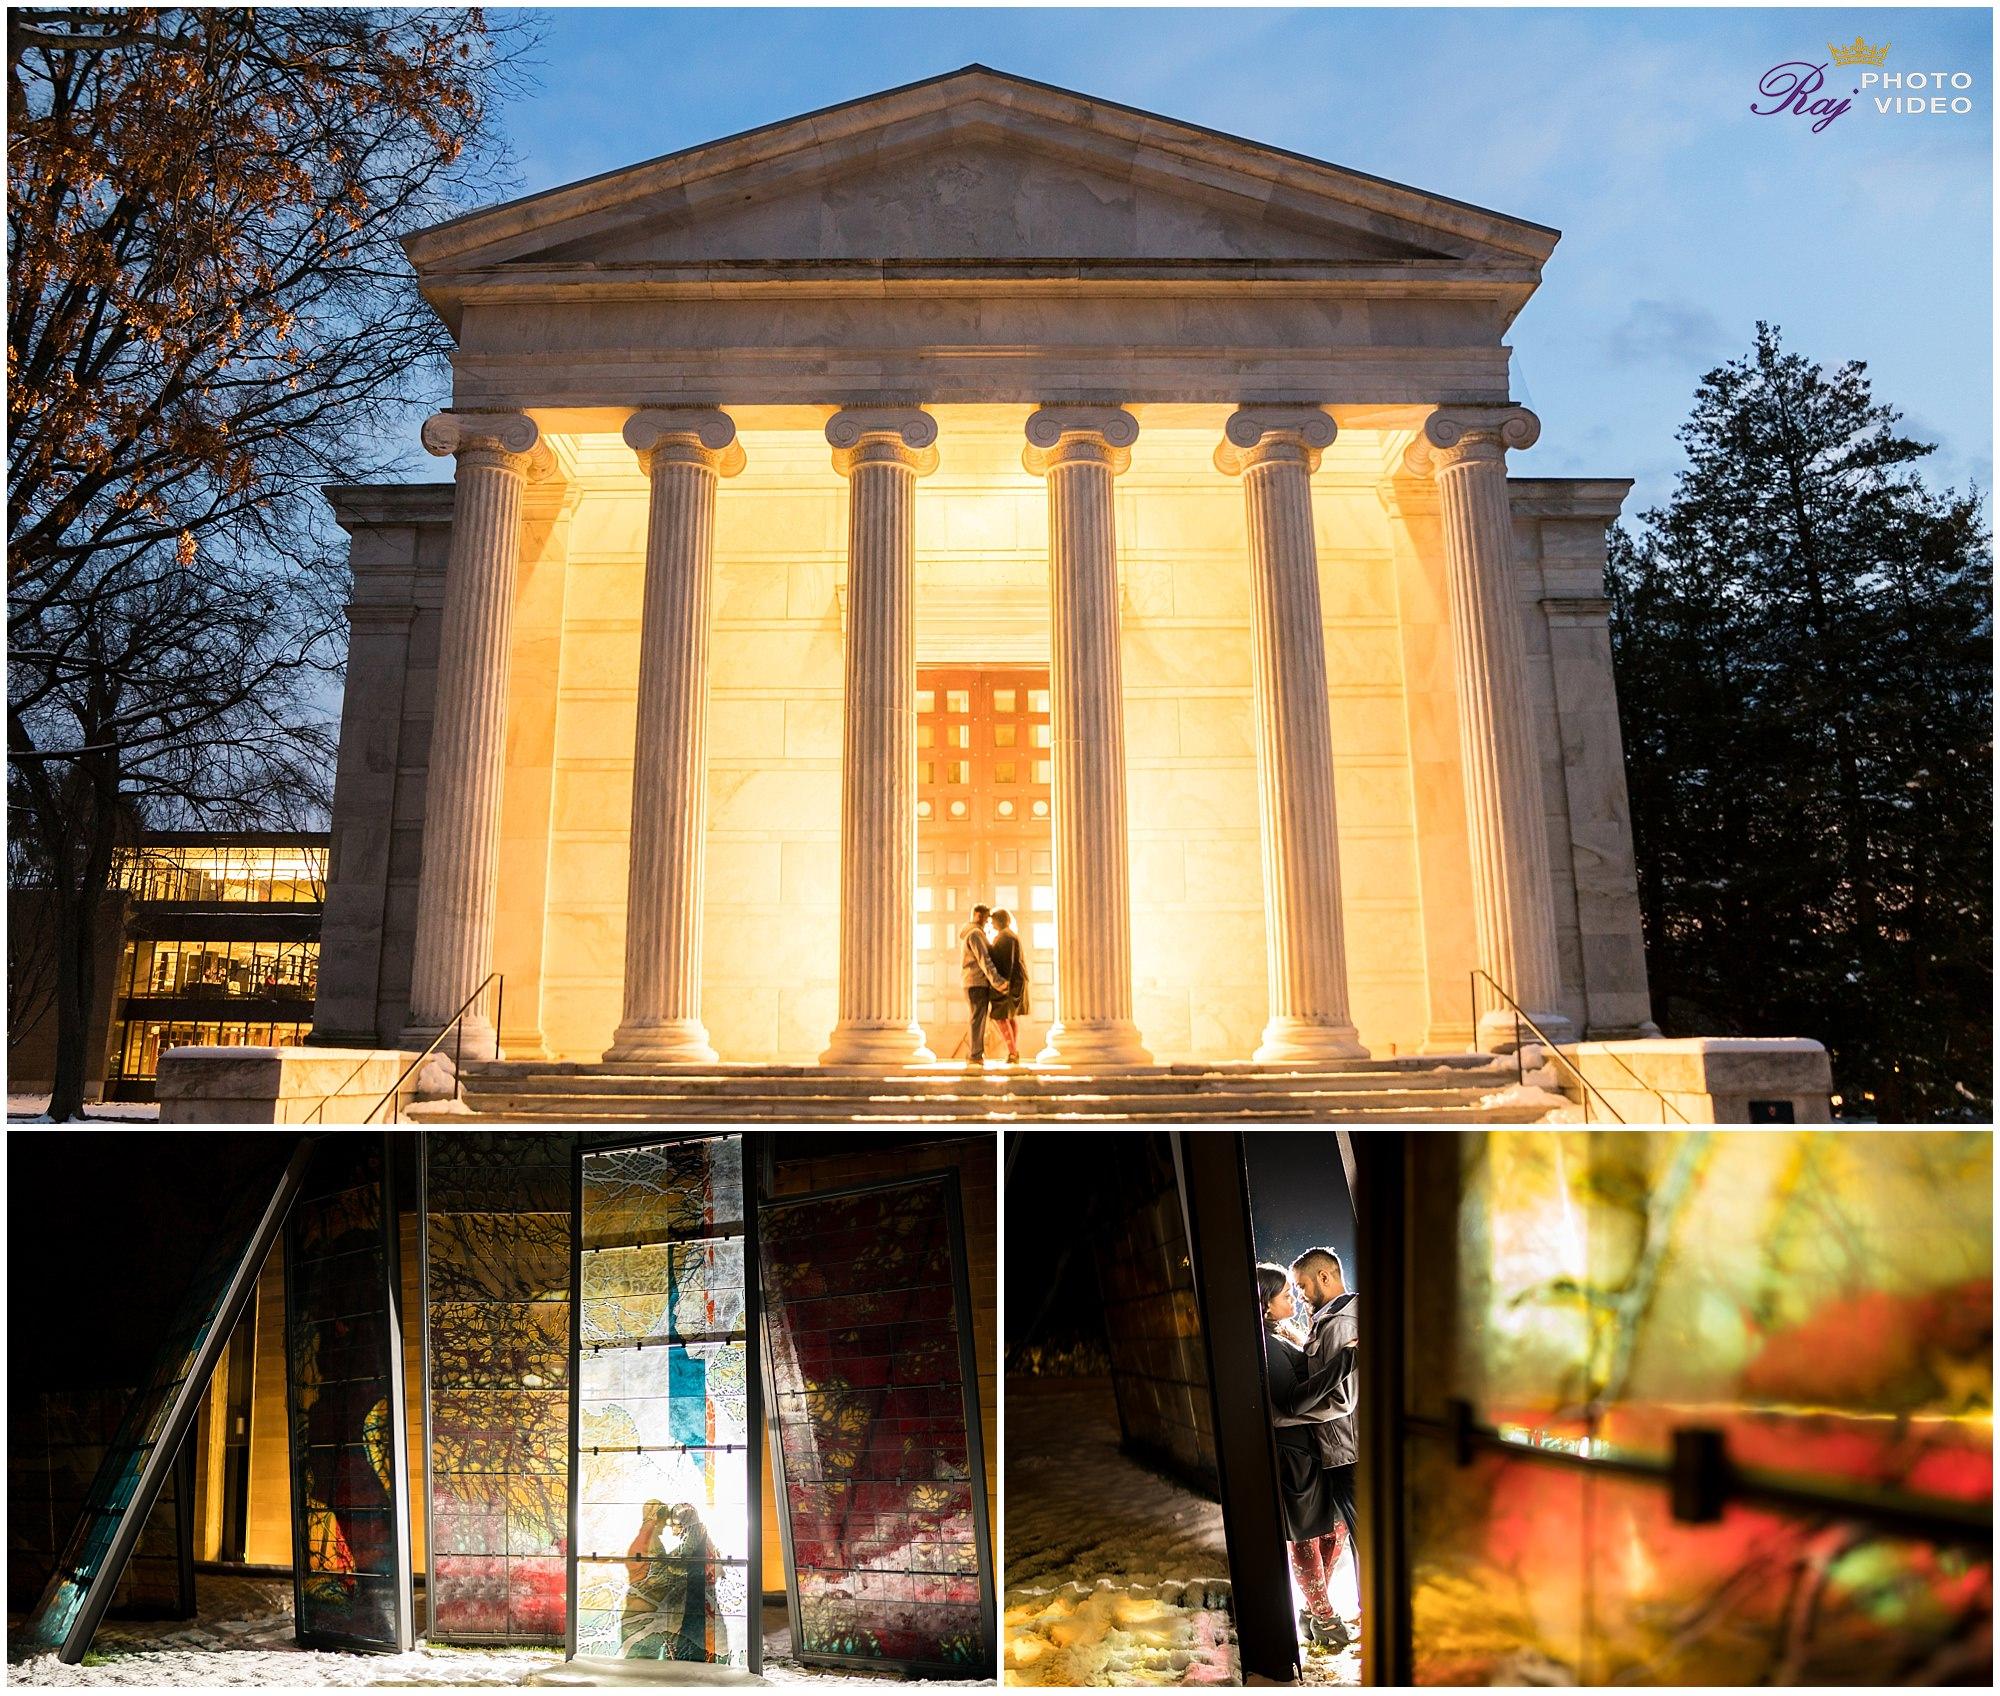 Princeton-University-Princeton-NJ-Engagement-Shoot-Krishna-Ritesh-17_Raj_Photo_Video.jpg